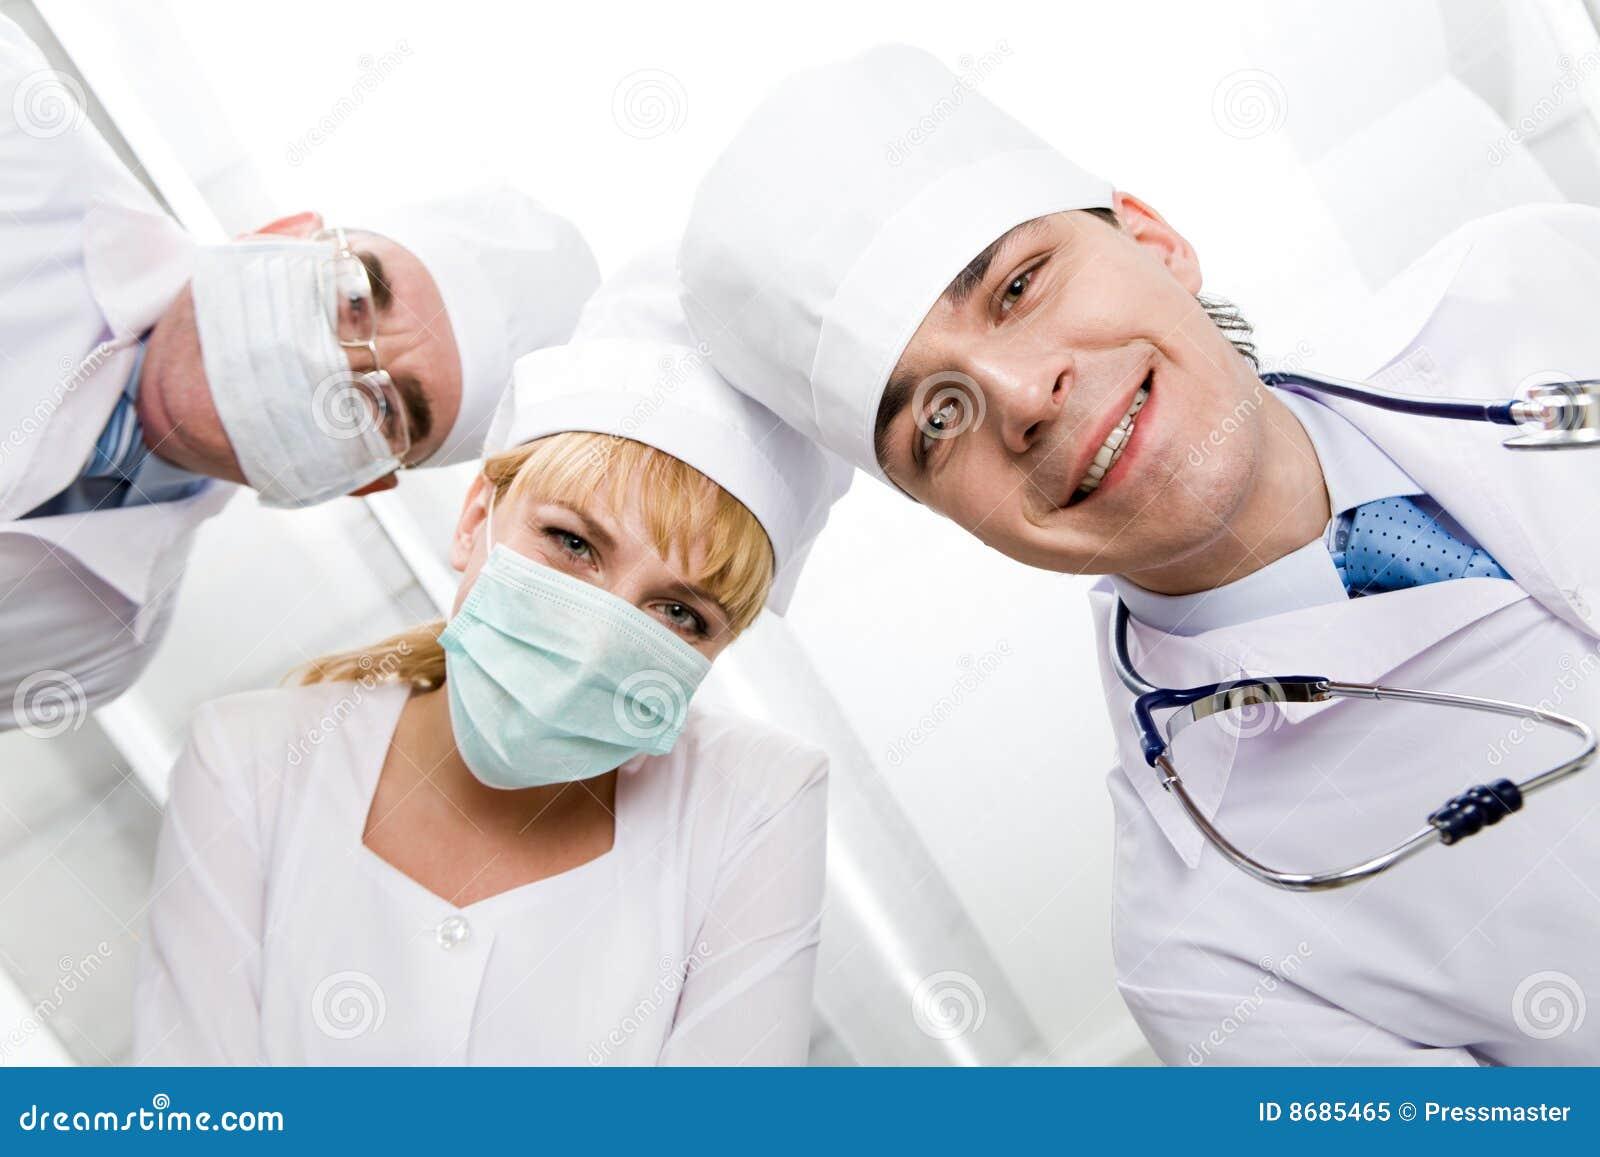 Lekarz praktykujący